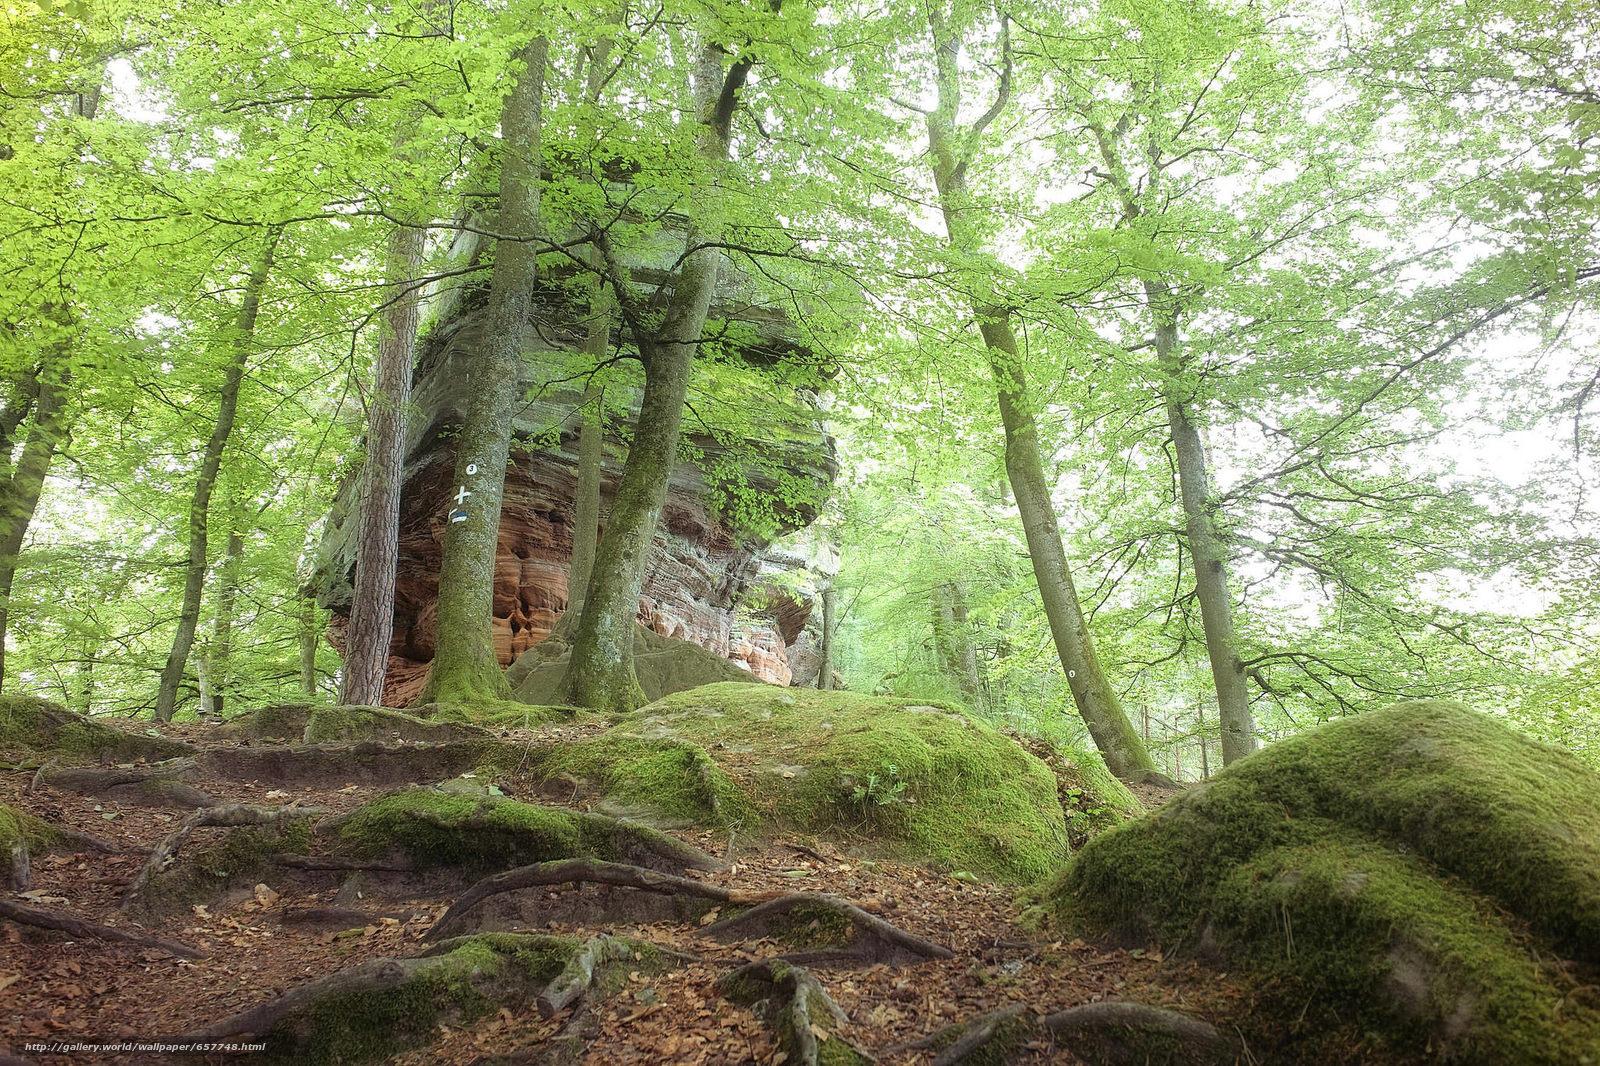 pobra tapety las,  drzew,  Rocks,  charakter Darmowe tapety na pulpit rozdzielczoci 2048x1365 — zdjcie №657748